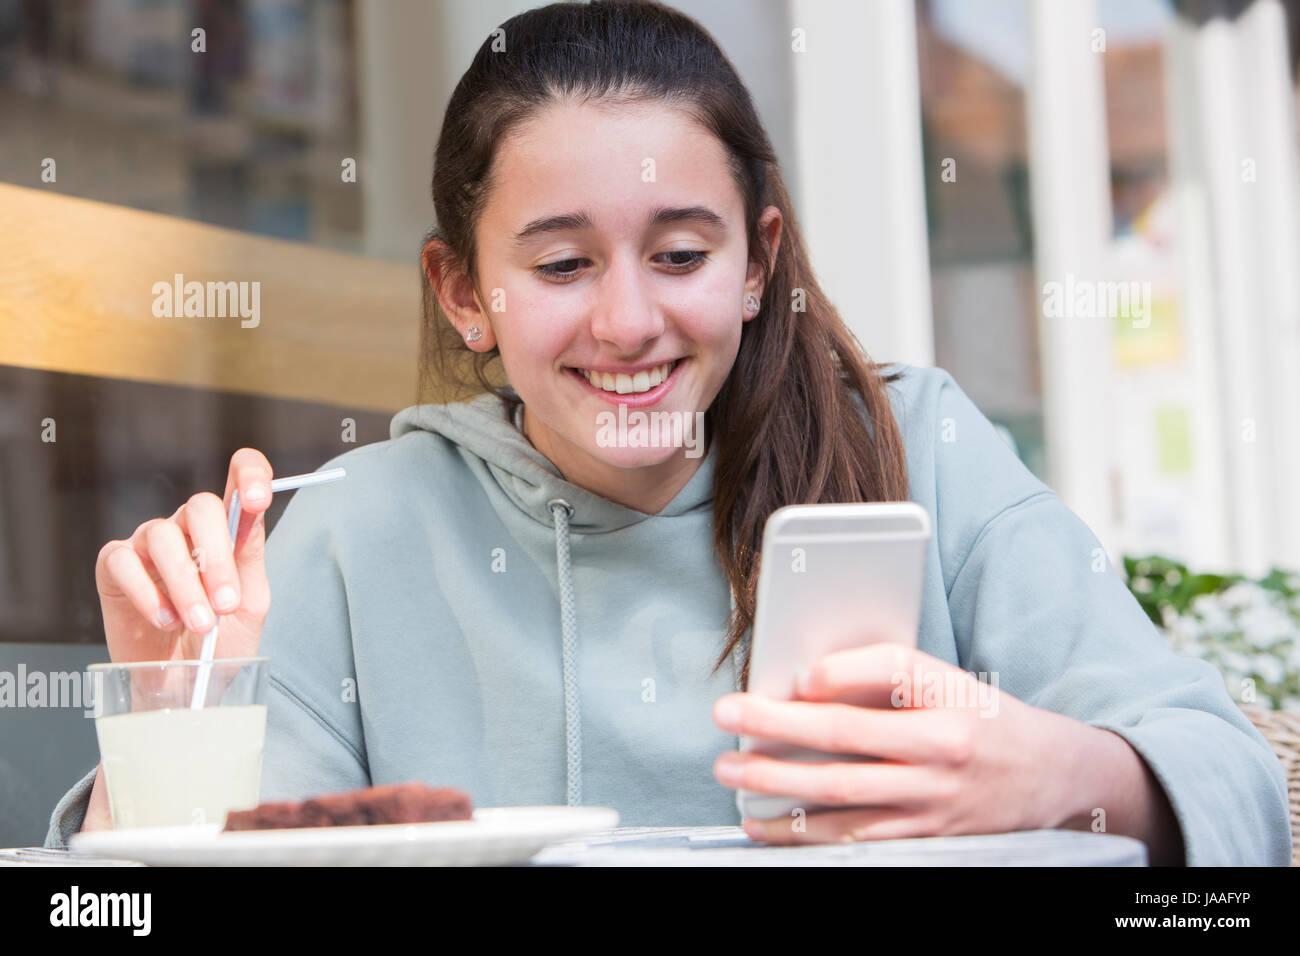 Junges Mädchen im Cafe lesen SMS auf Handy Stockbild